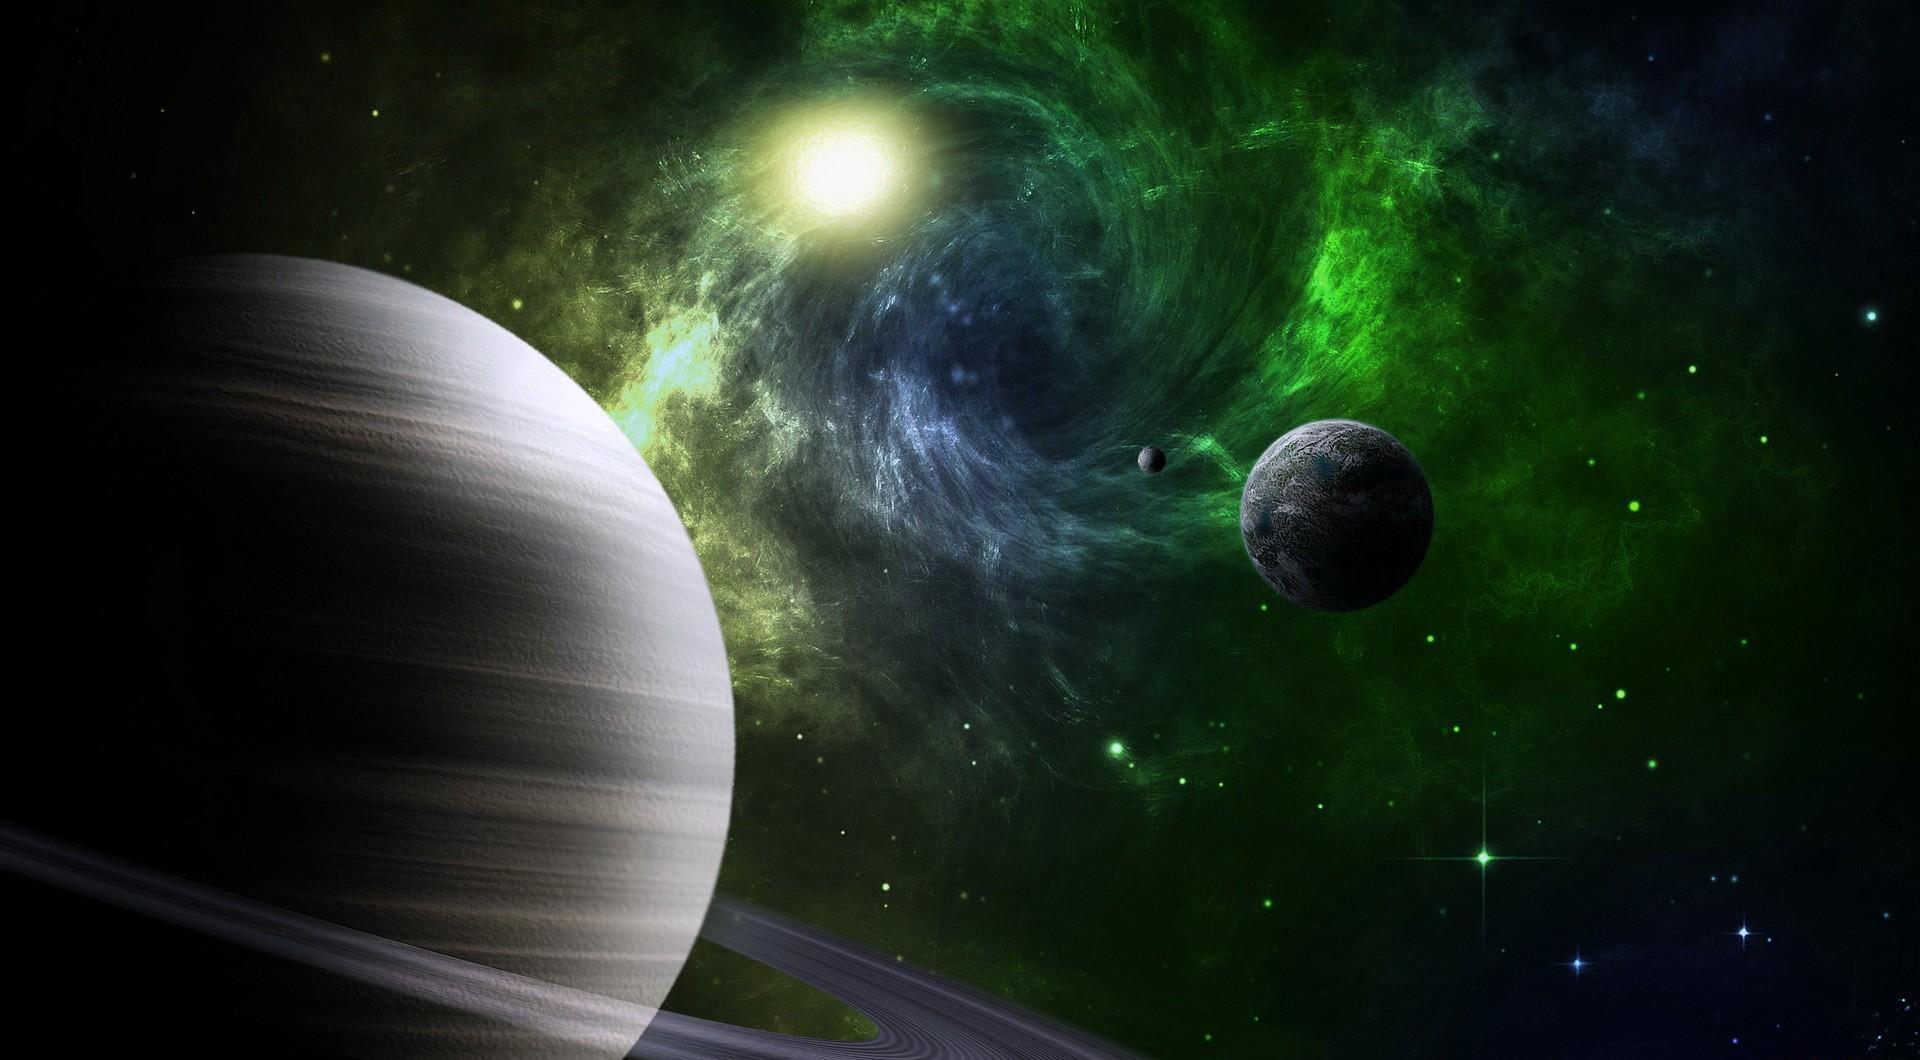 89084 Заставки и Обои Планеты на телефон. Скачать Планеты, Космос, Туманность, Кольцо, Кручение картинки бесплатно